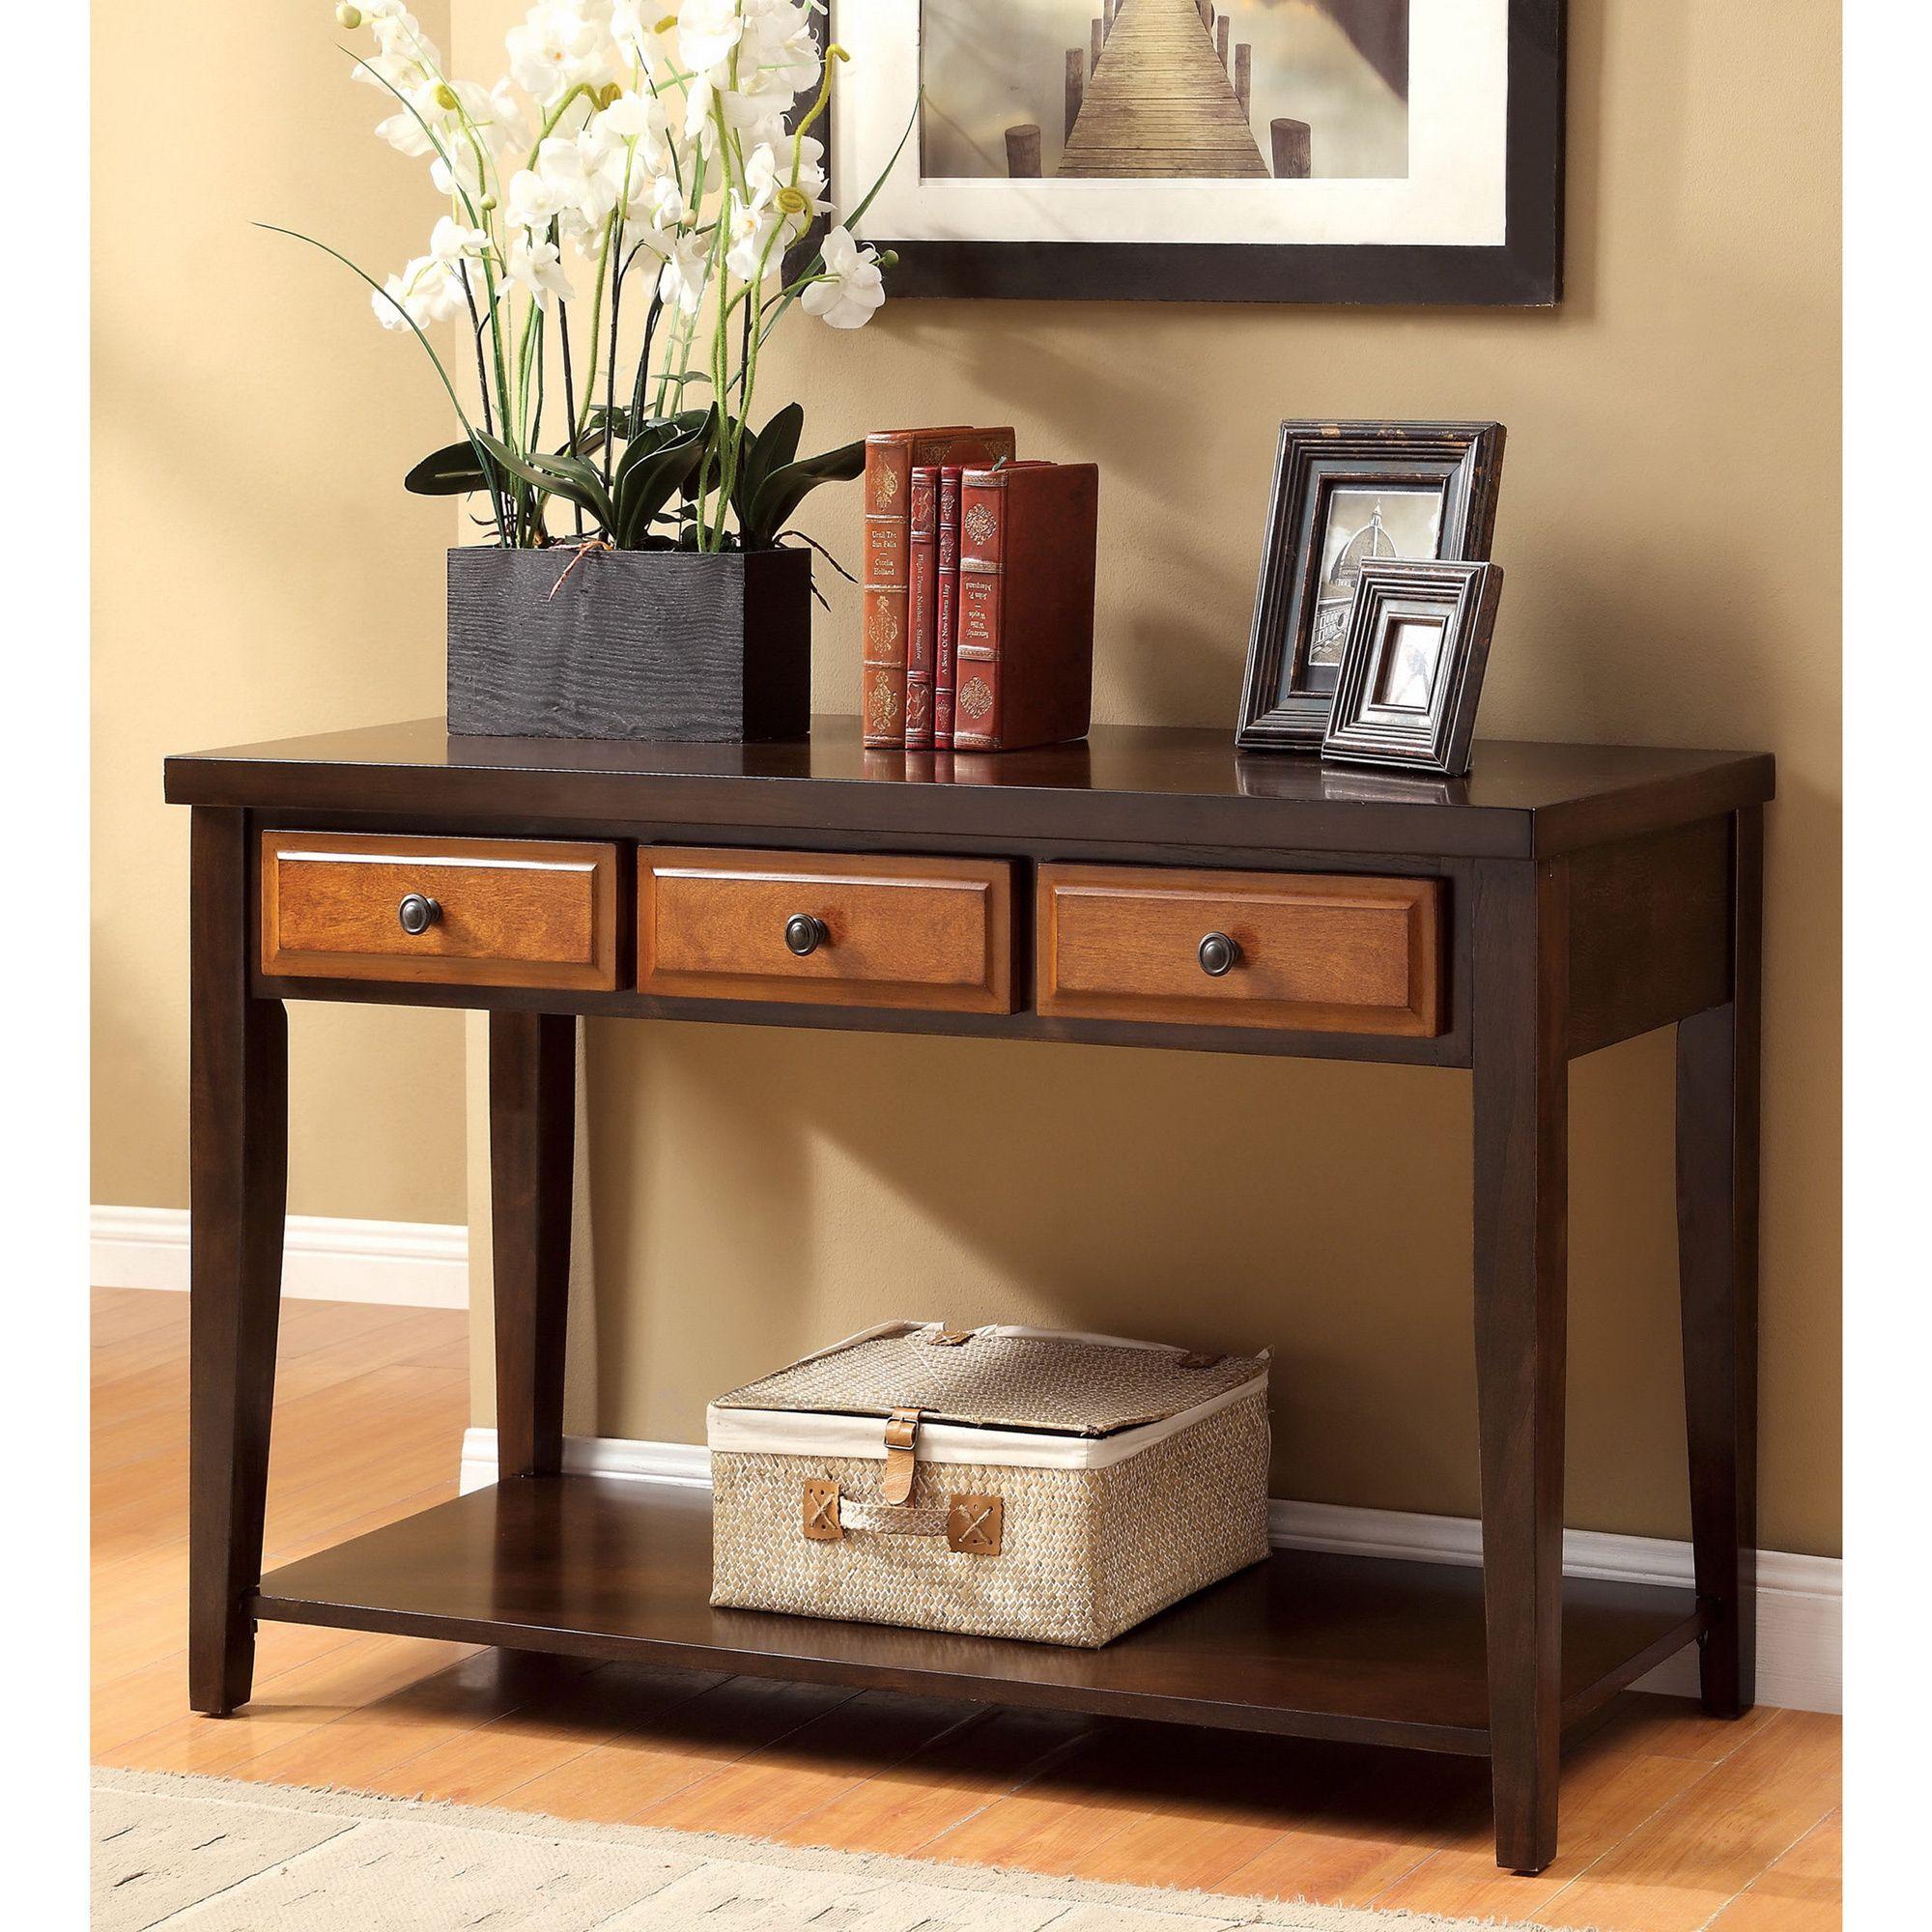 Furniture of america dark oak u cherry sente transitional storage